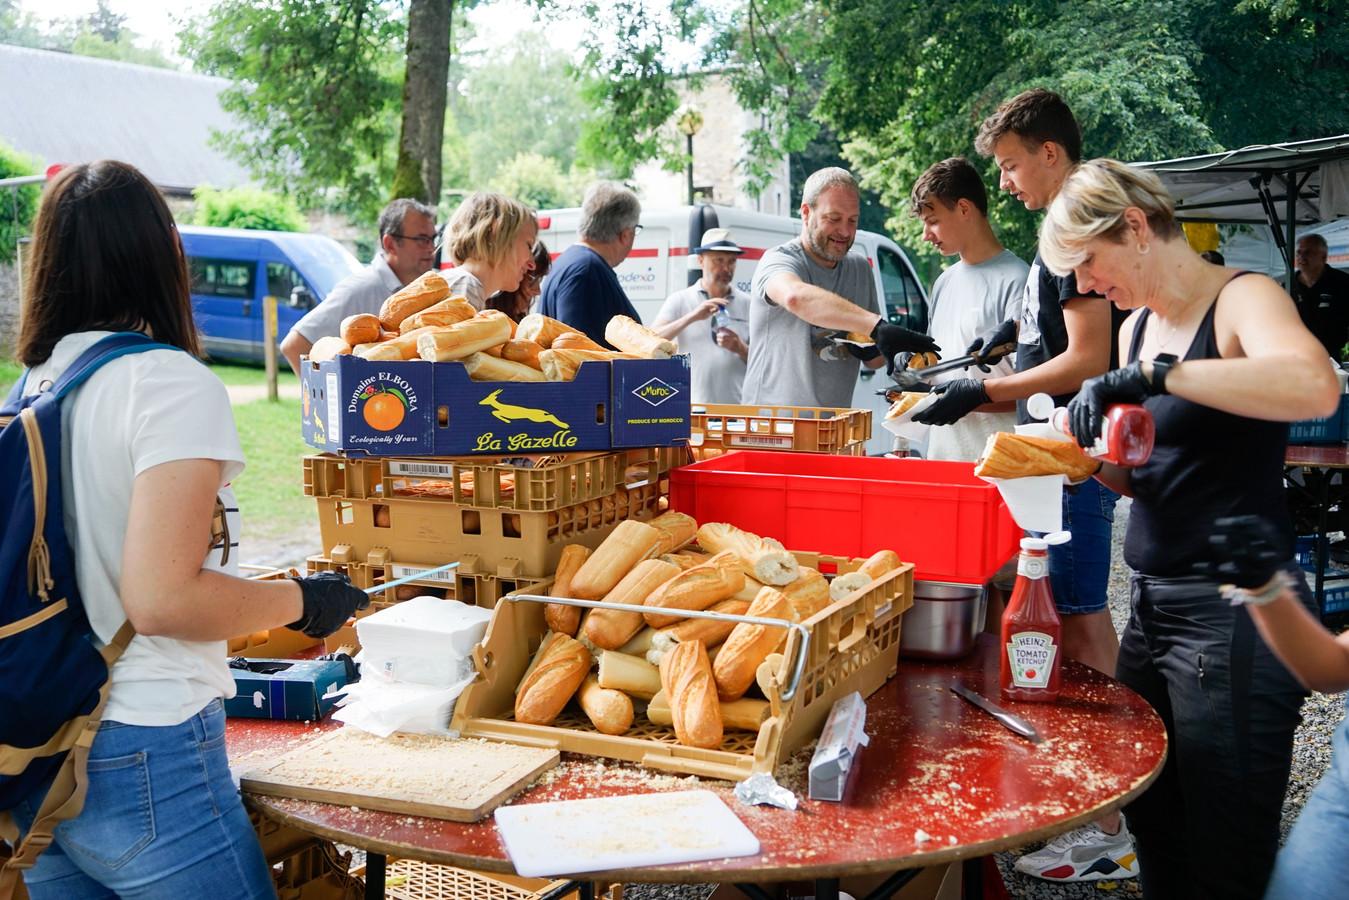 De vrijwilligers bereiden maaltijden voor de inwoners van de getroffen gebieden.